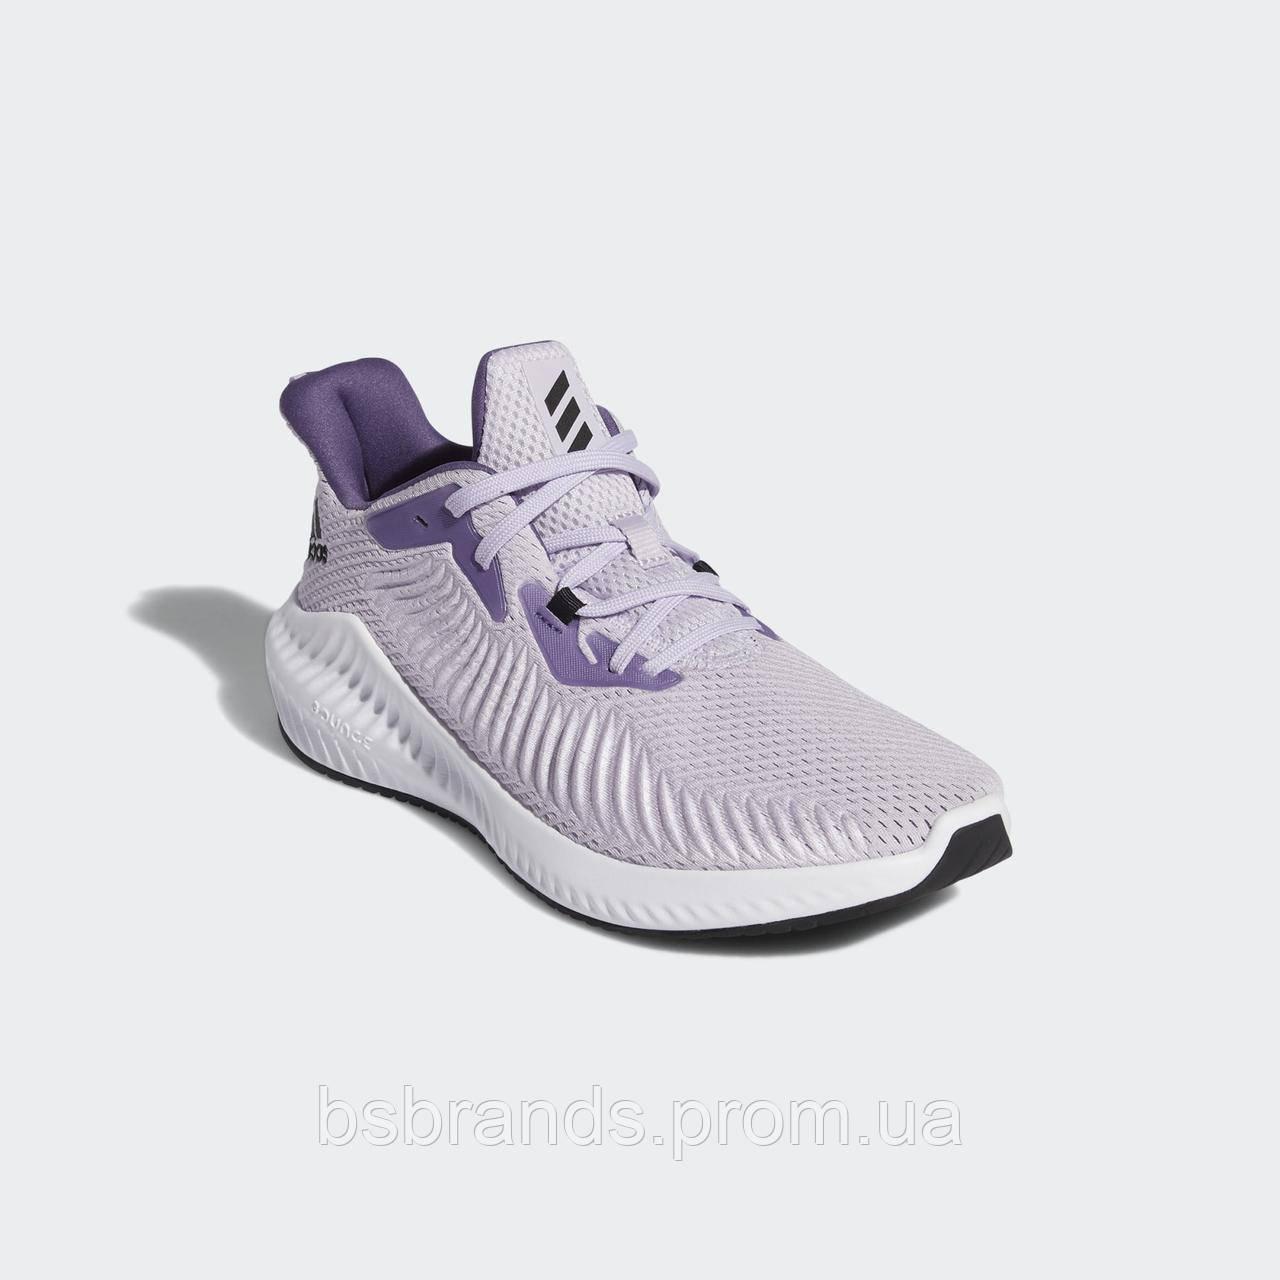 Жіночі кросівки adidas alphabounce 3 w EG1385